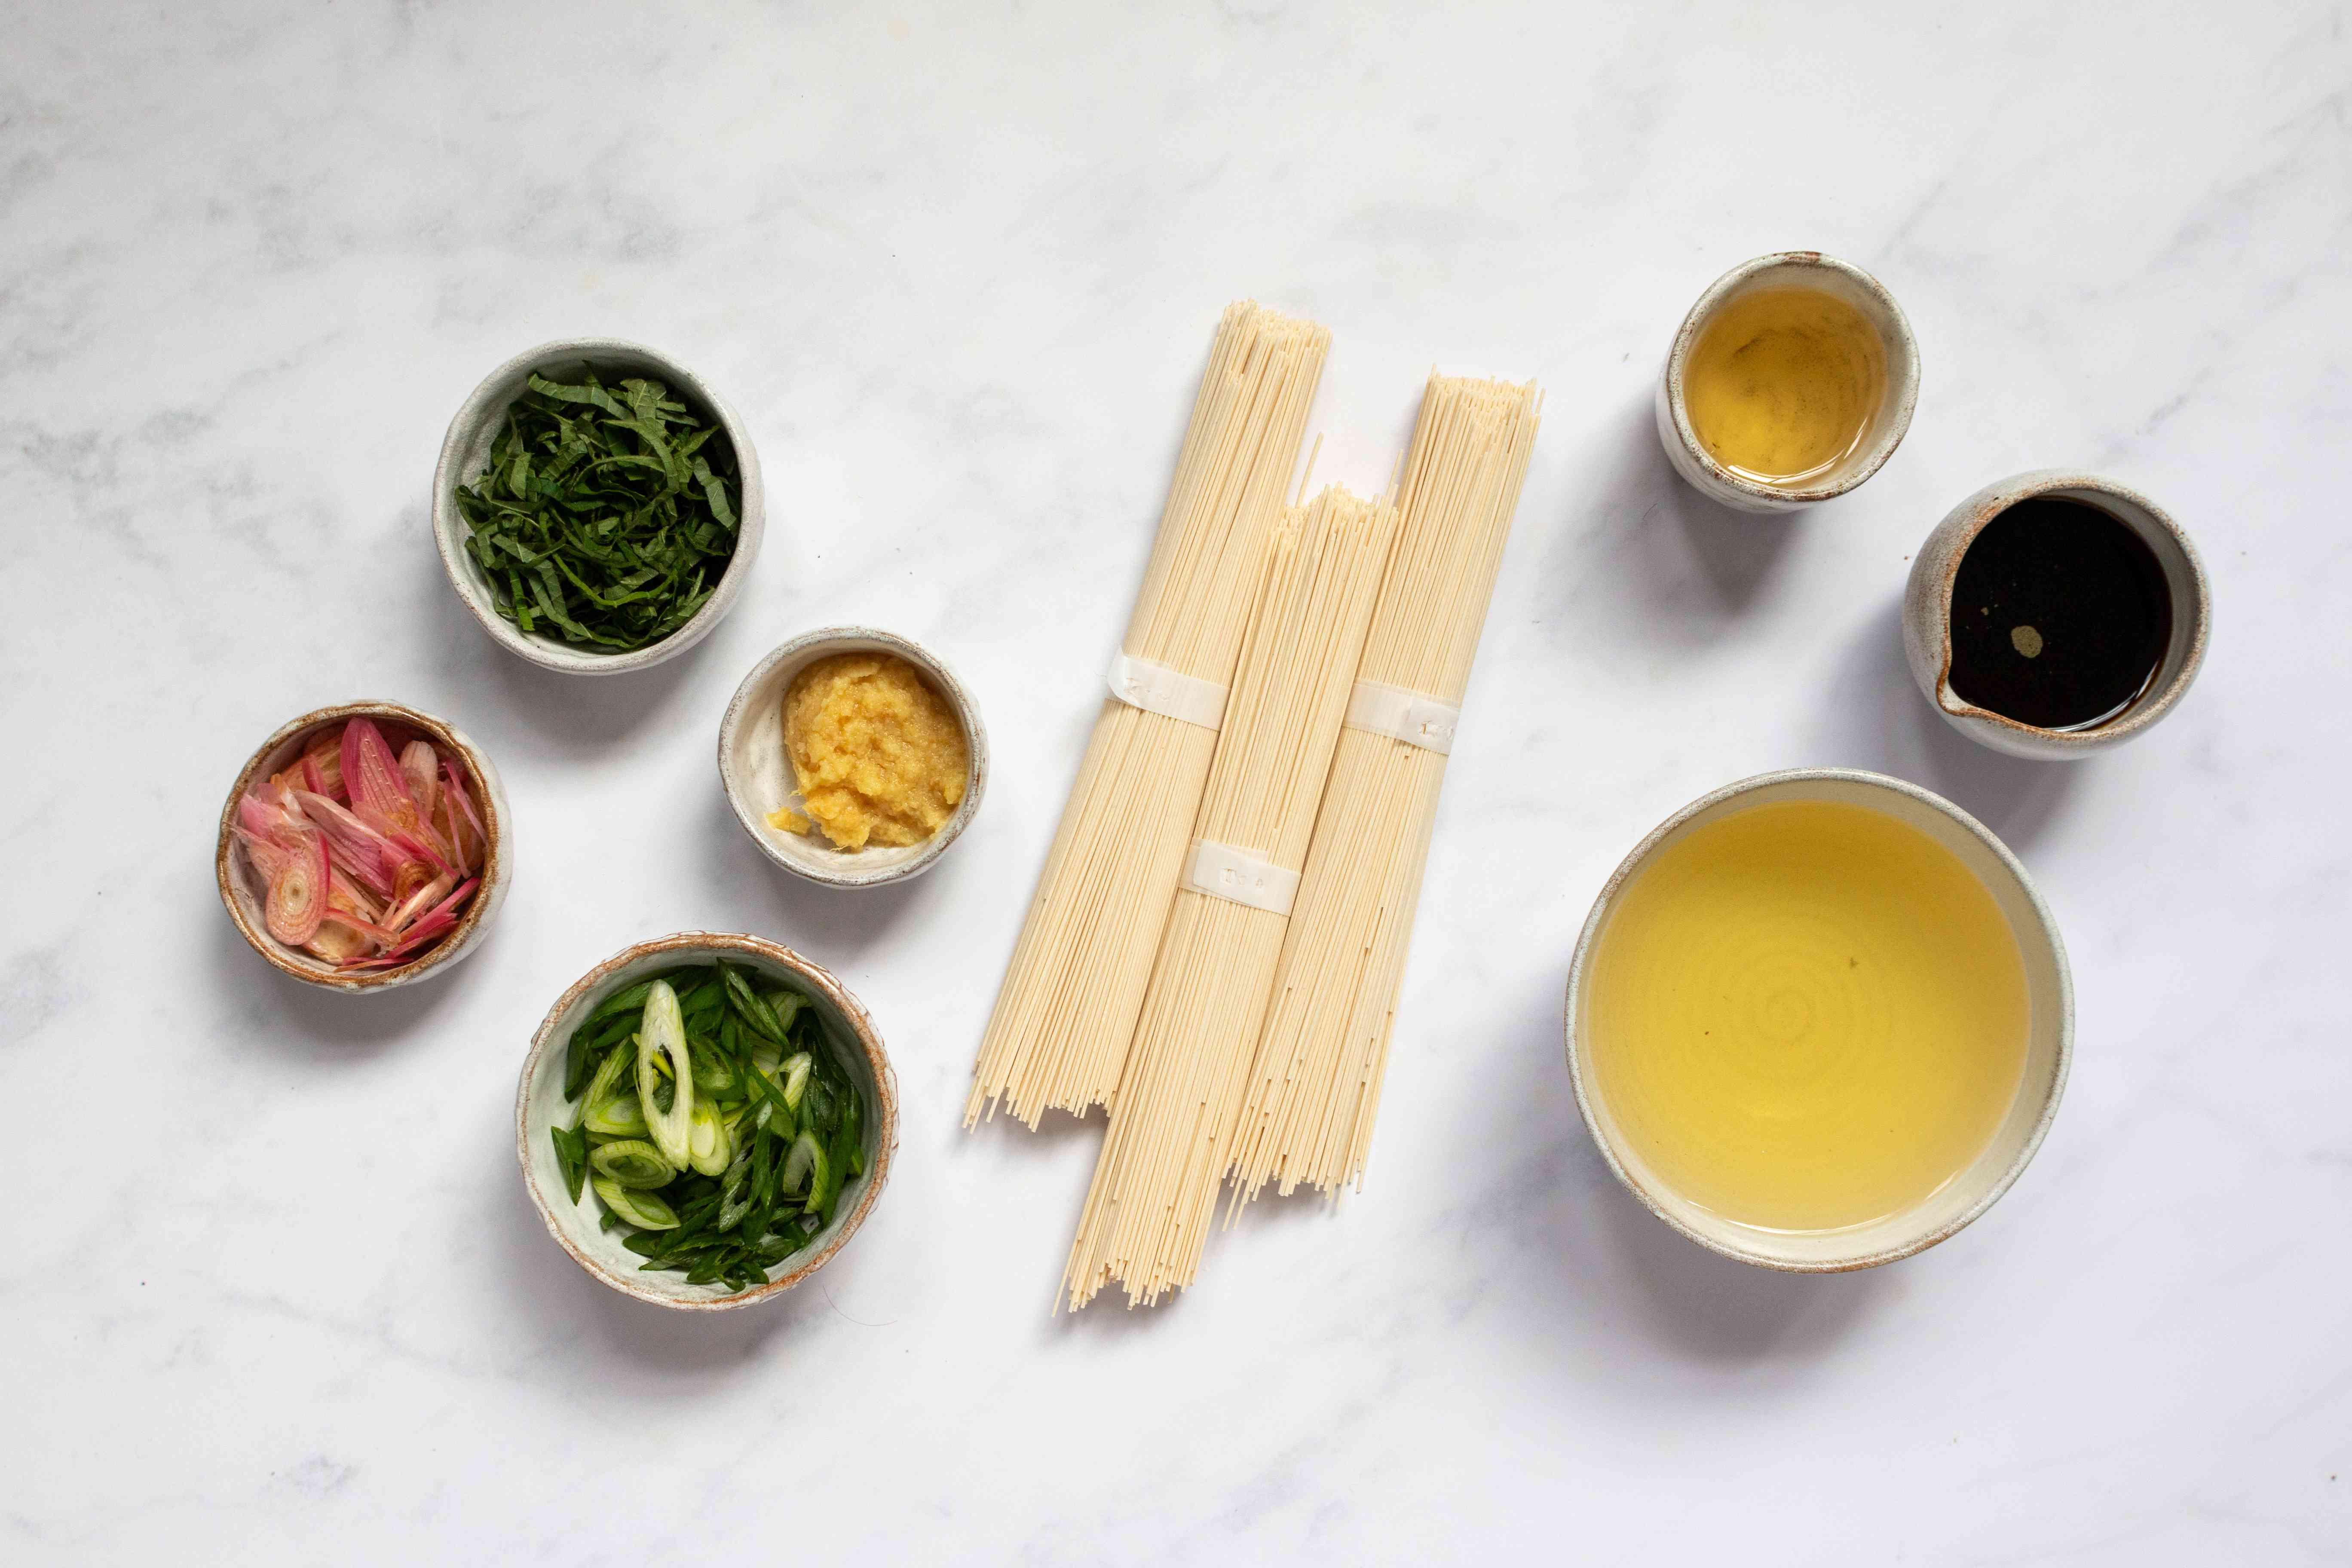 Japanese Cold Somen Noodles ingredients